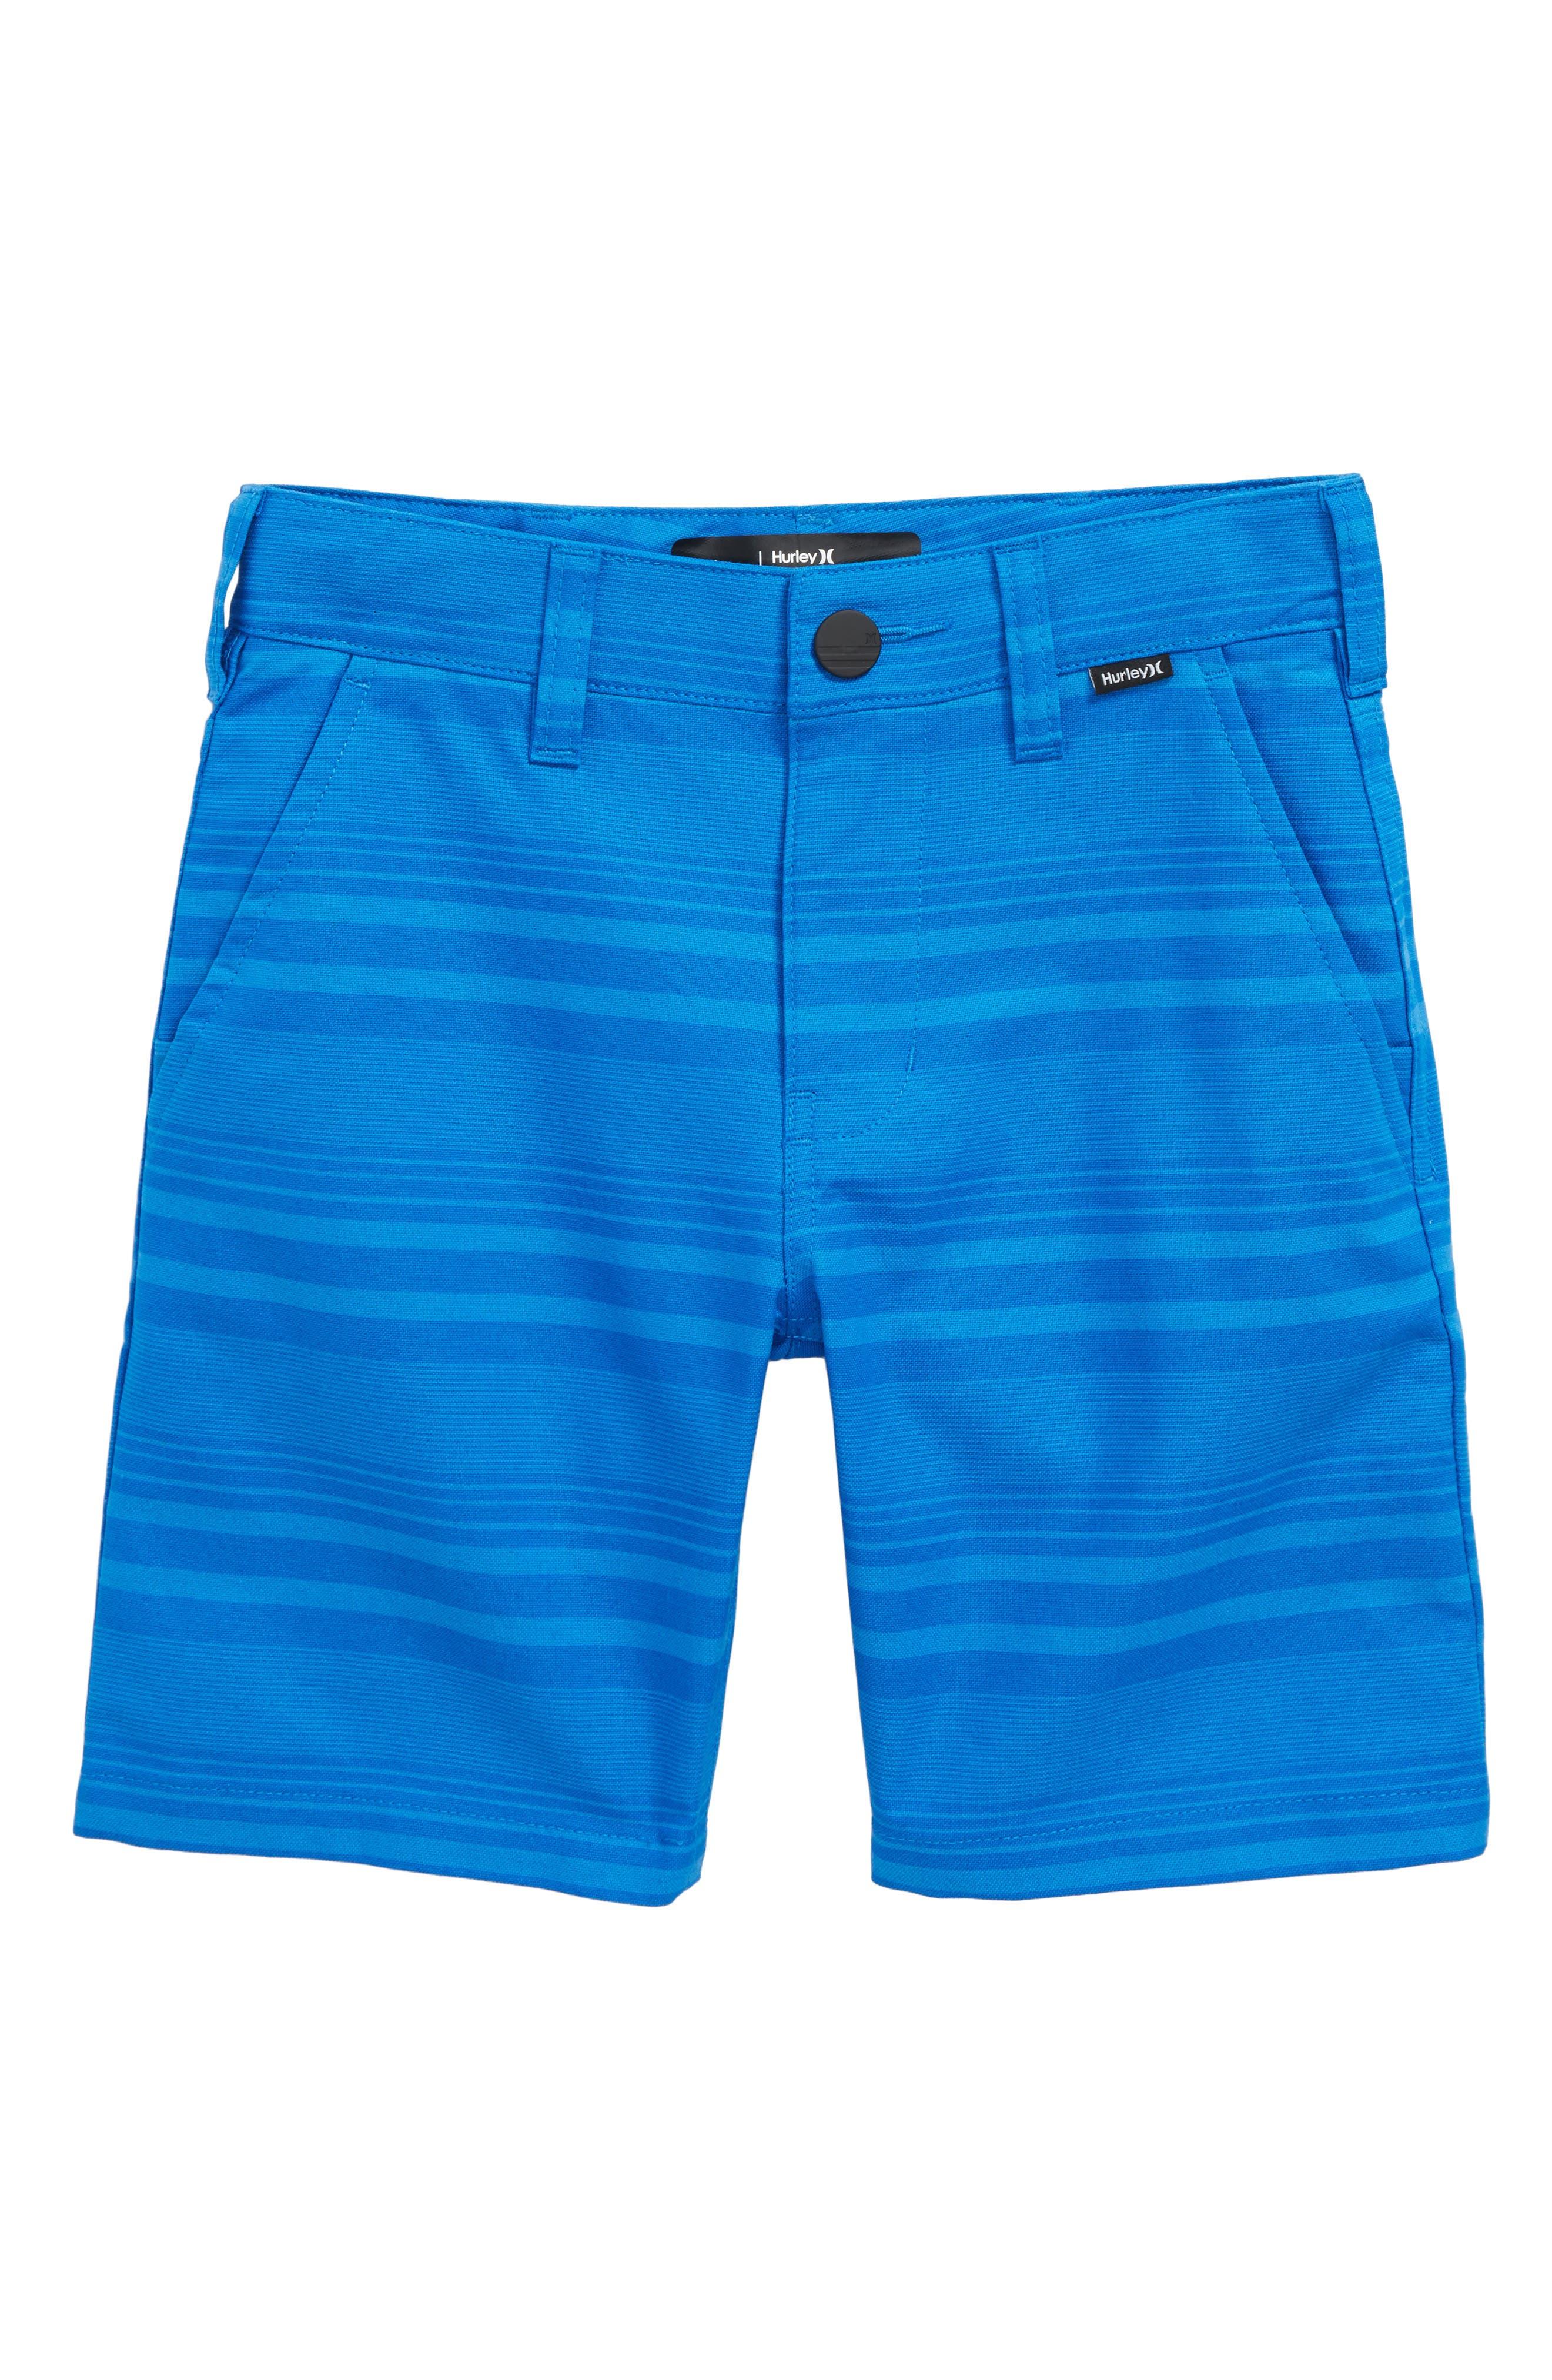 Hurley Jones Hybrid Shorts (Toddler Boys & Little Boys)